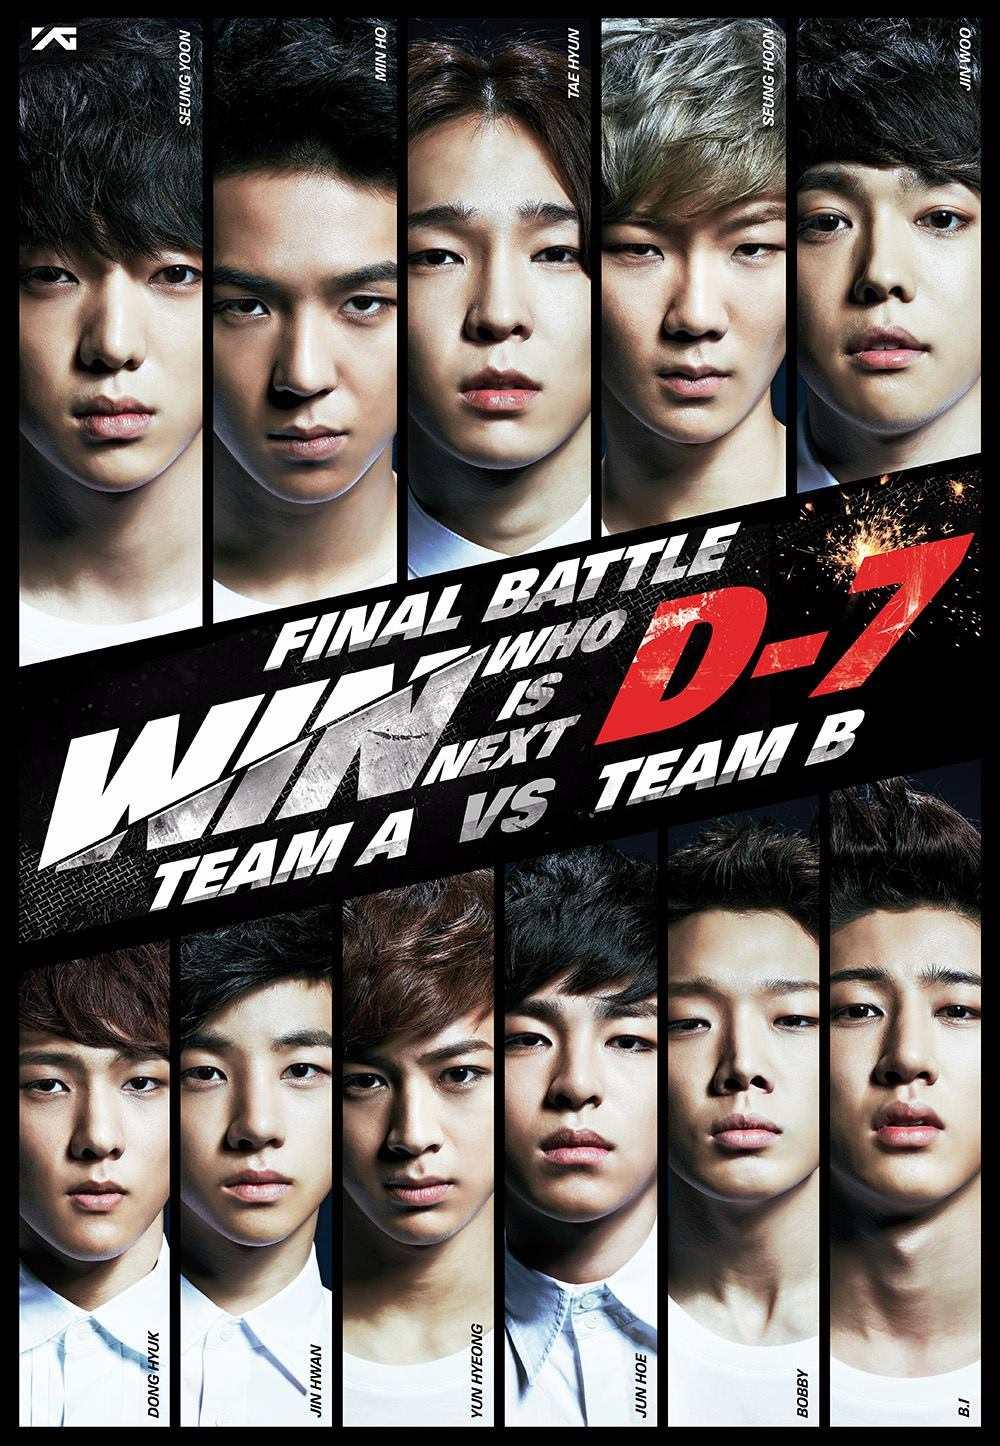 而是作為參賽者參與YG娛樂自製的選秀節目,如同成功推出男團WINNER出道的選秀節目《WIN: Who is next?》一樣。這次的選秀節目預計在今年下半年推出,由《PRODUCE 101》、《Show Me The Money》的韓東澈PD操刀。